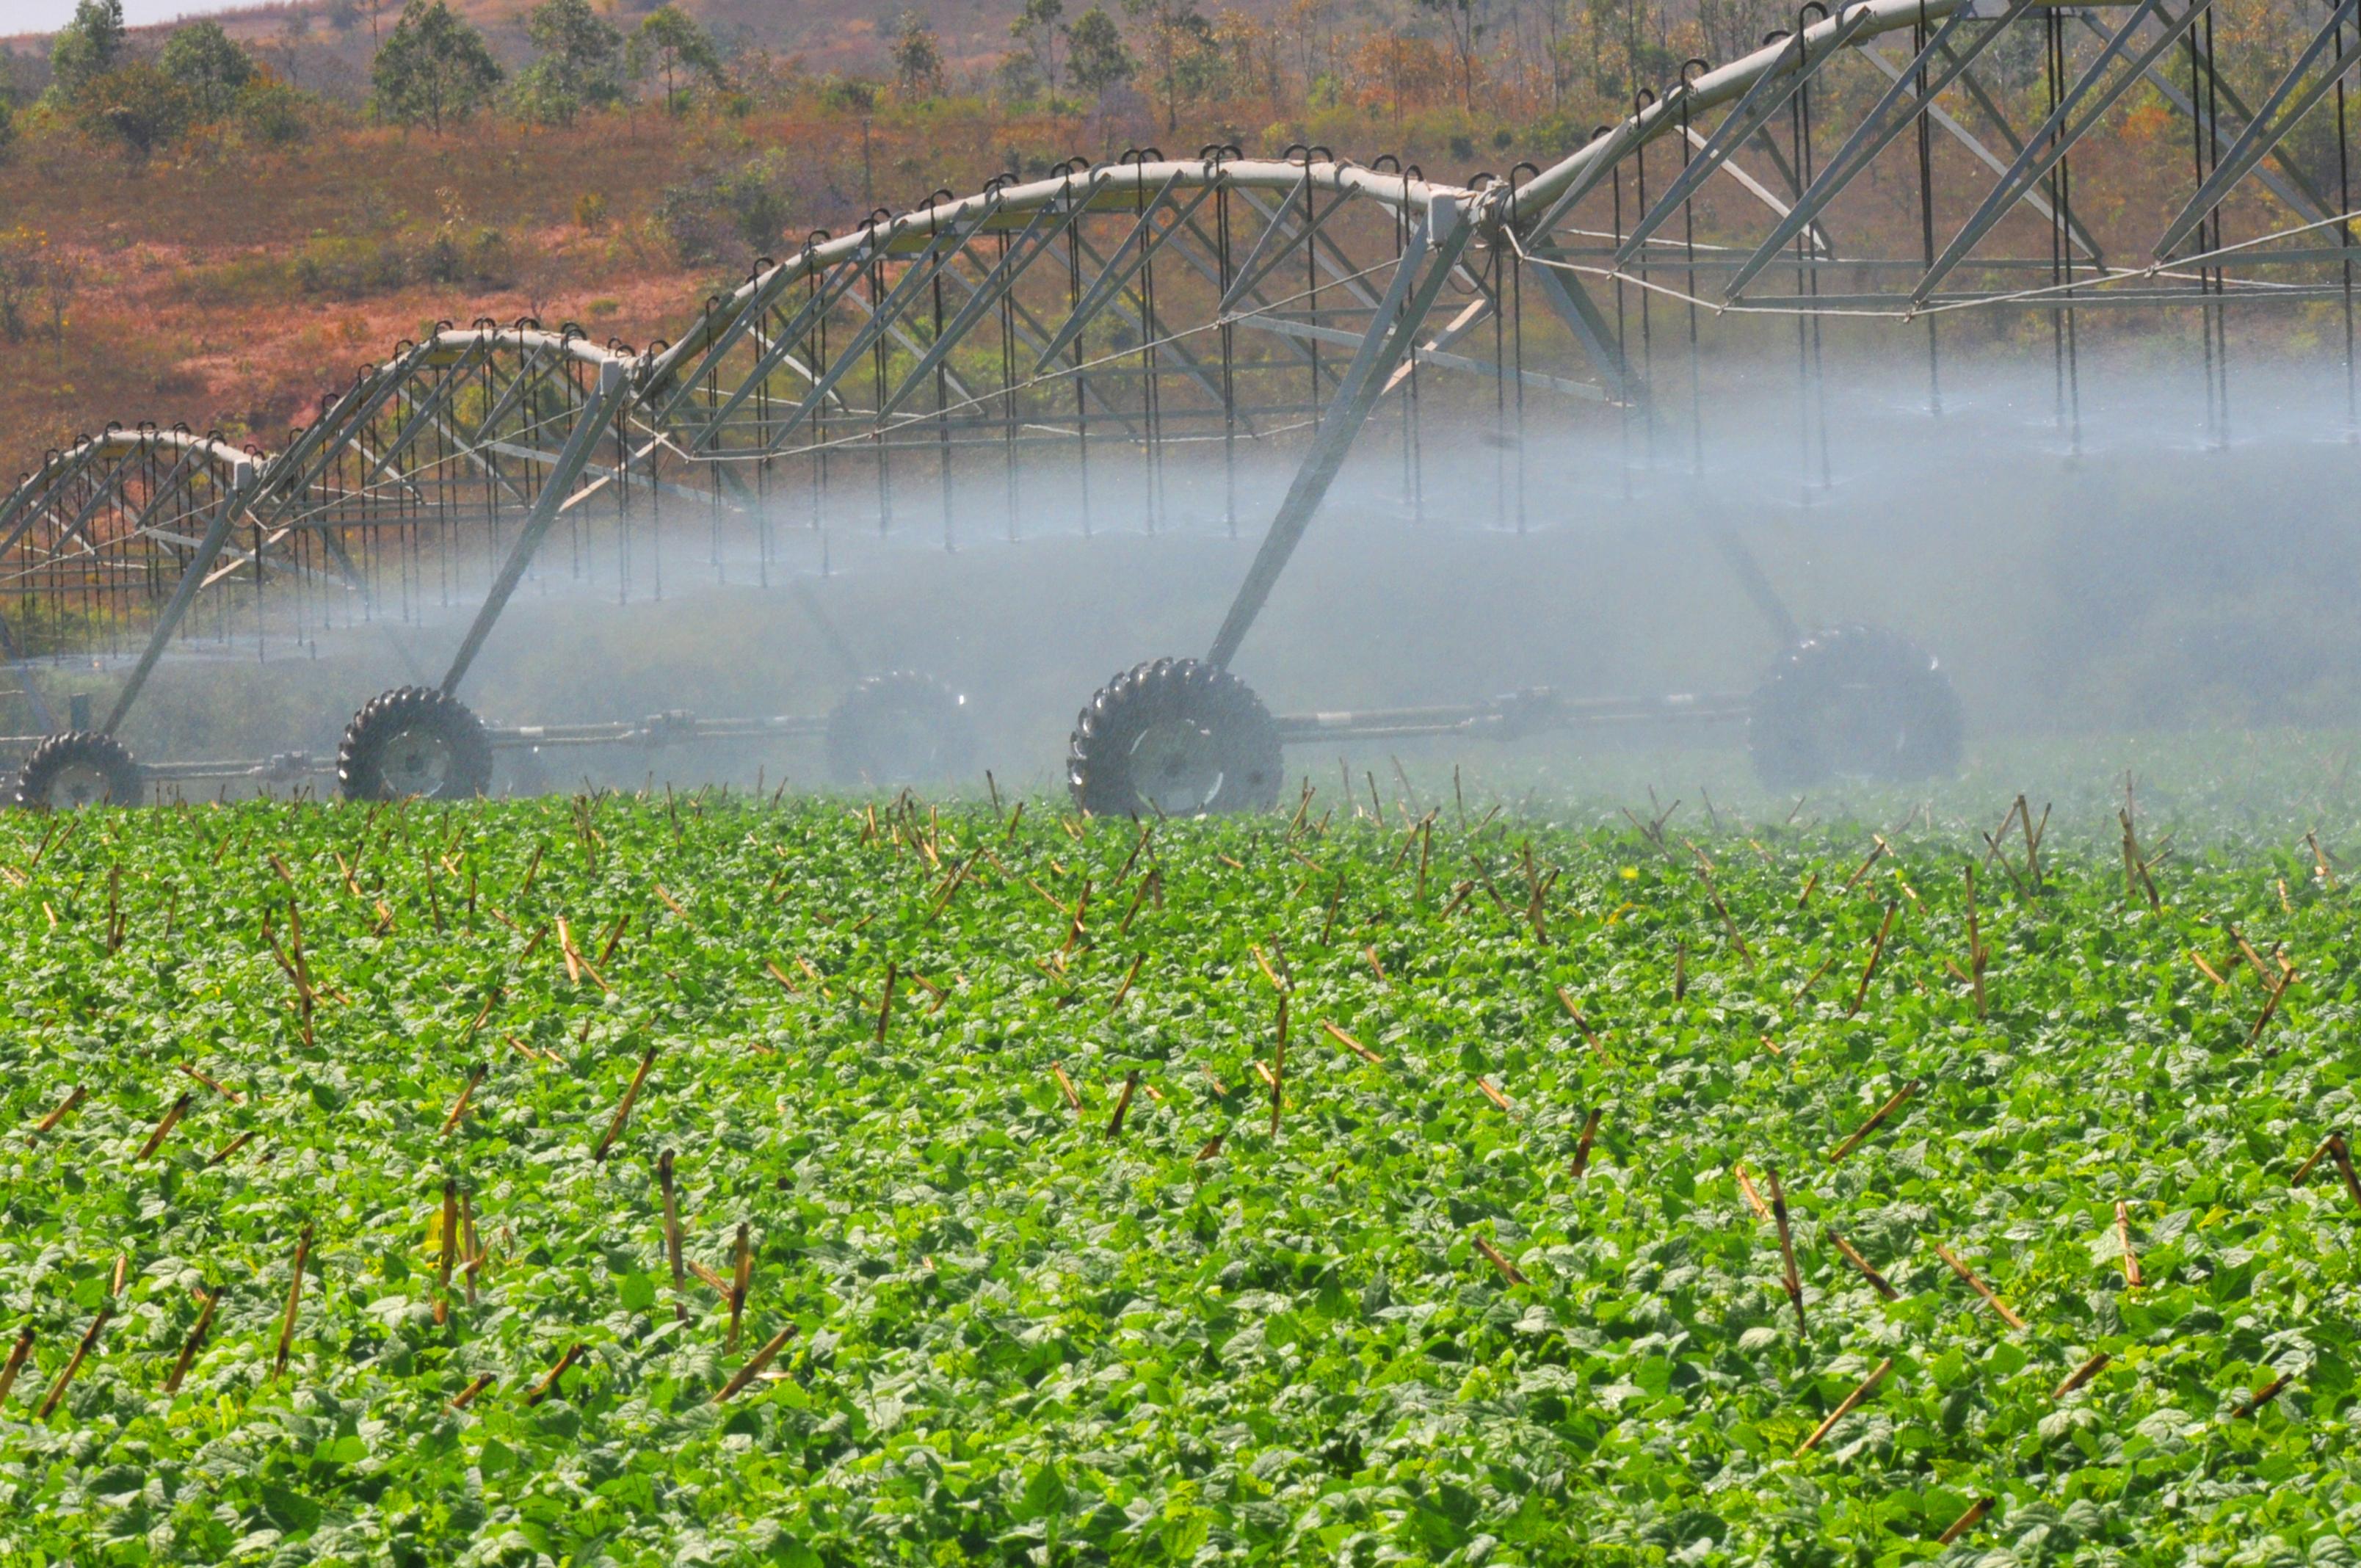 Agropecuária - plantações - irrigação plantio água agricultores fazendas produção